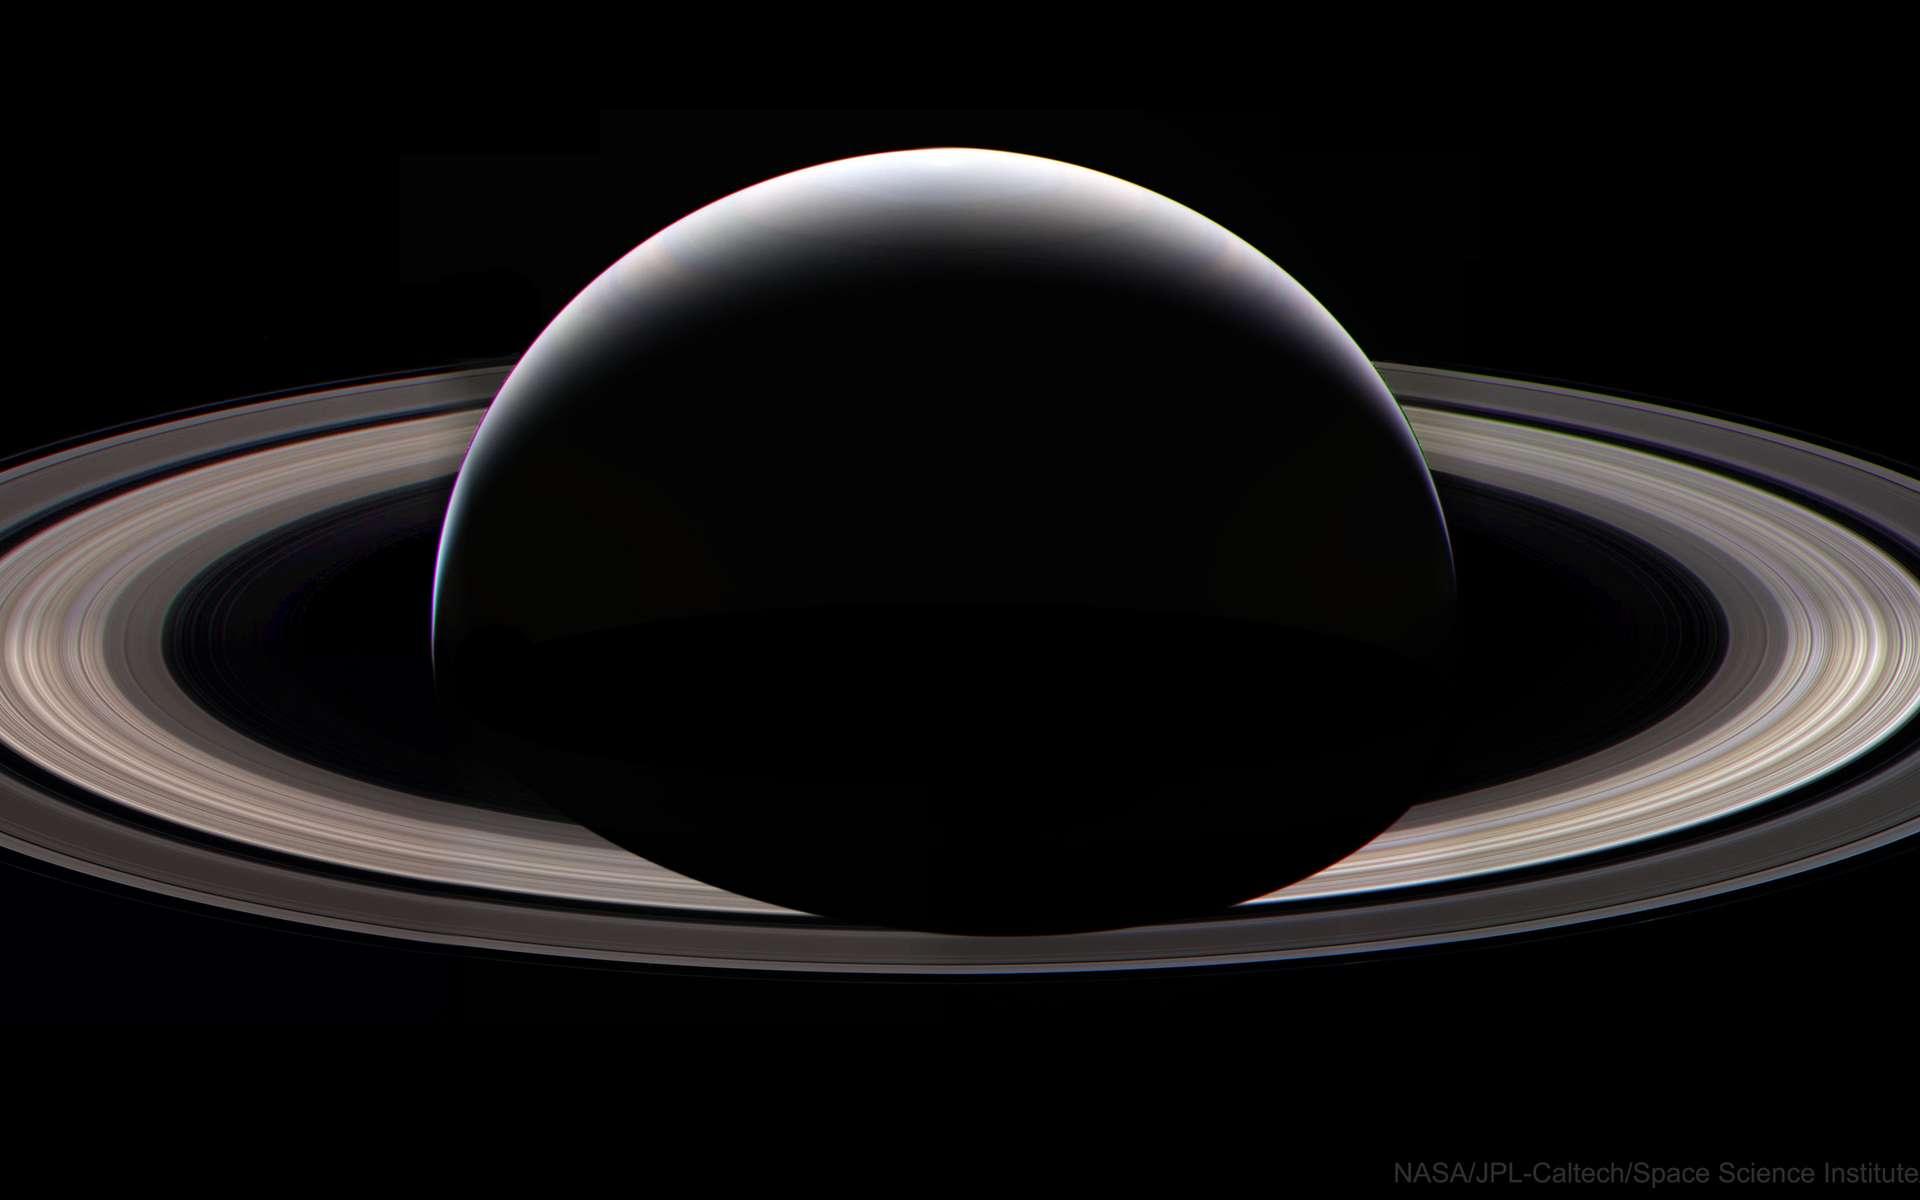 Saturne photographiée le 13 septembre 2017 par Cassini, peu avant son grand plongeon final dans la planète géante. Image composite retravaillée par Mindaugas Macijauskas et publiée sur l'Apod le 11 septembre 2021. © Nasa, JPL-Caltech, Space Science Institute, Mindaugas Macijauskas